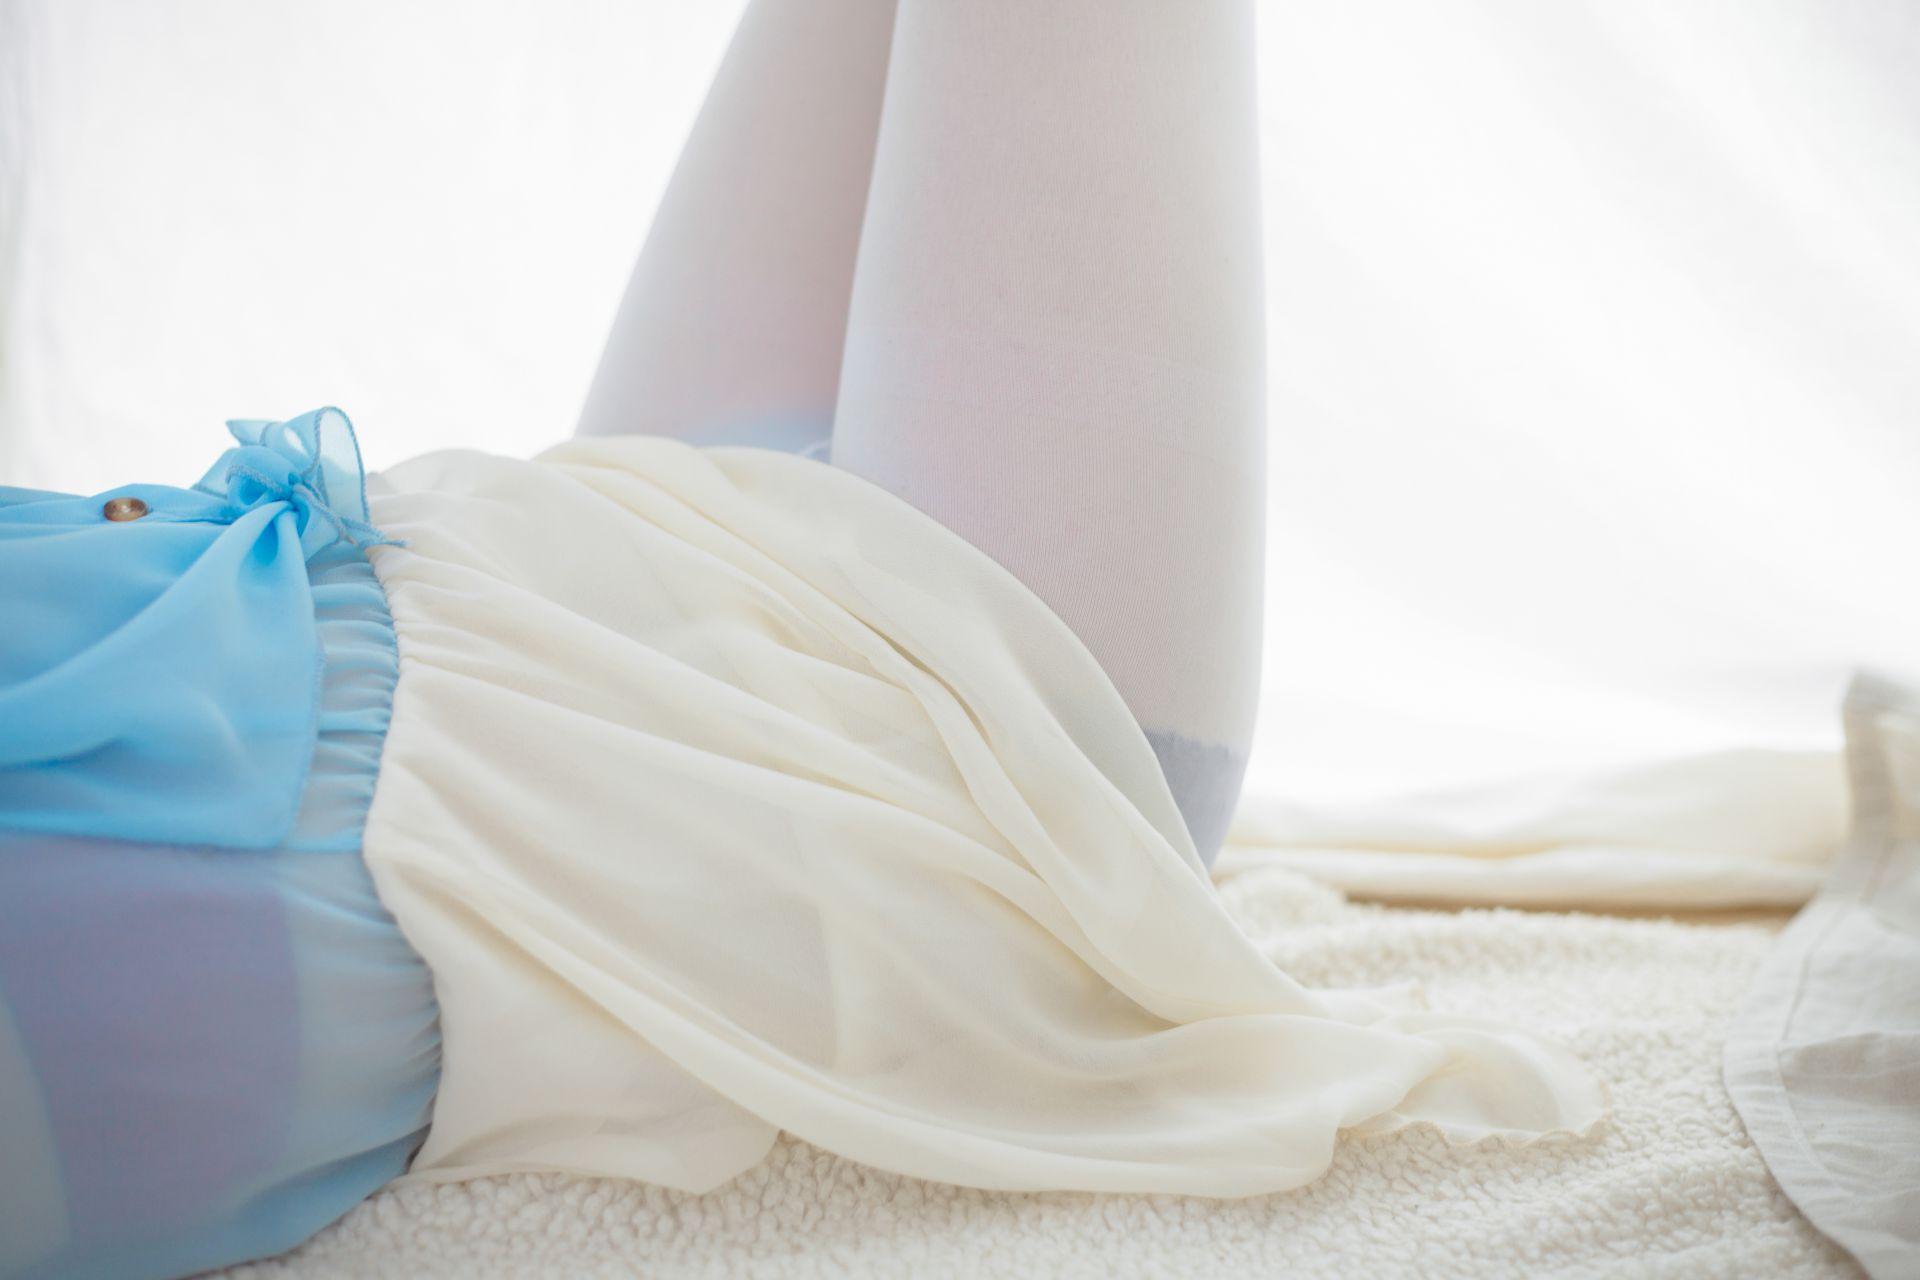 少女秩序 VOL.015 超薄丝袜的质感 兔玩映画 第42张